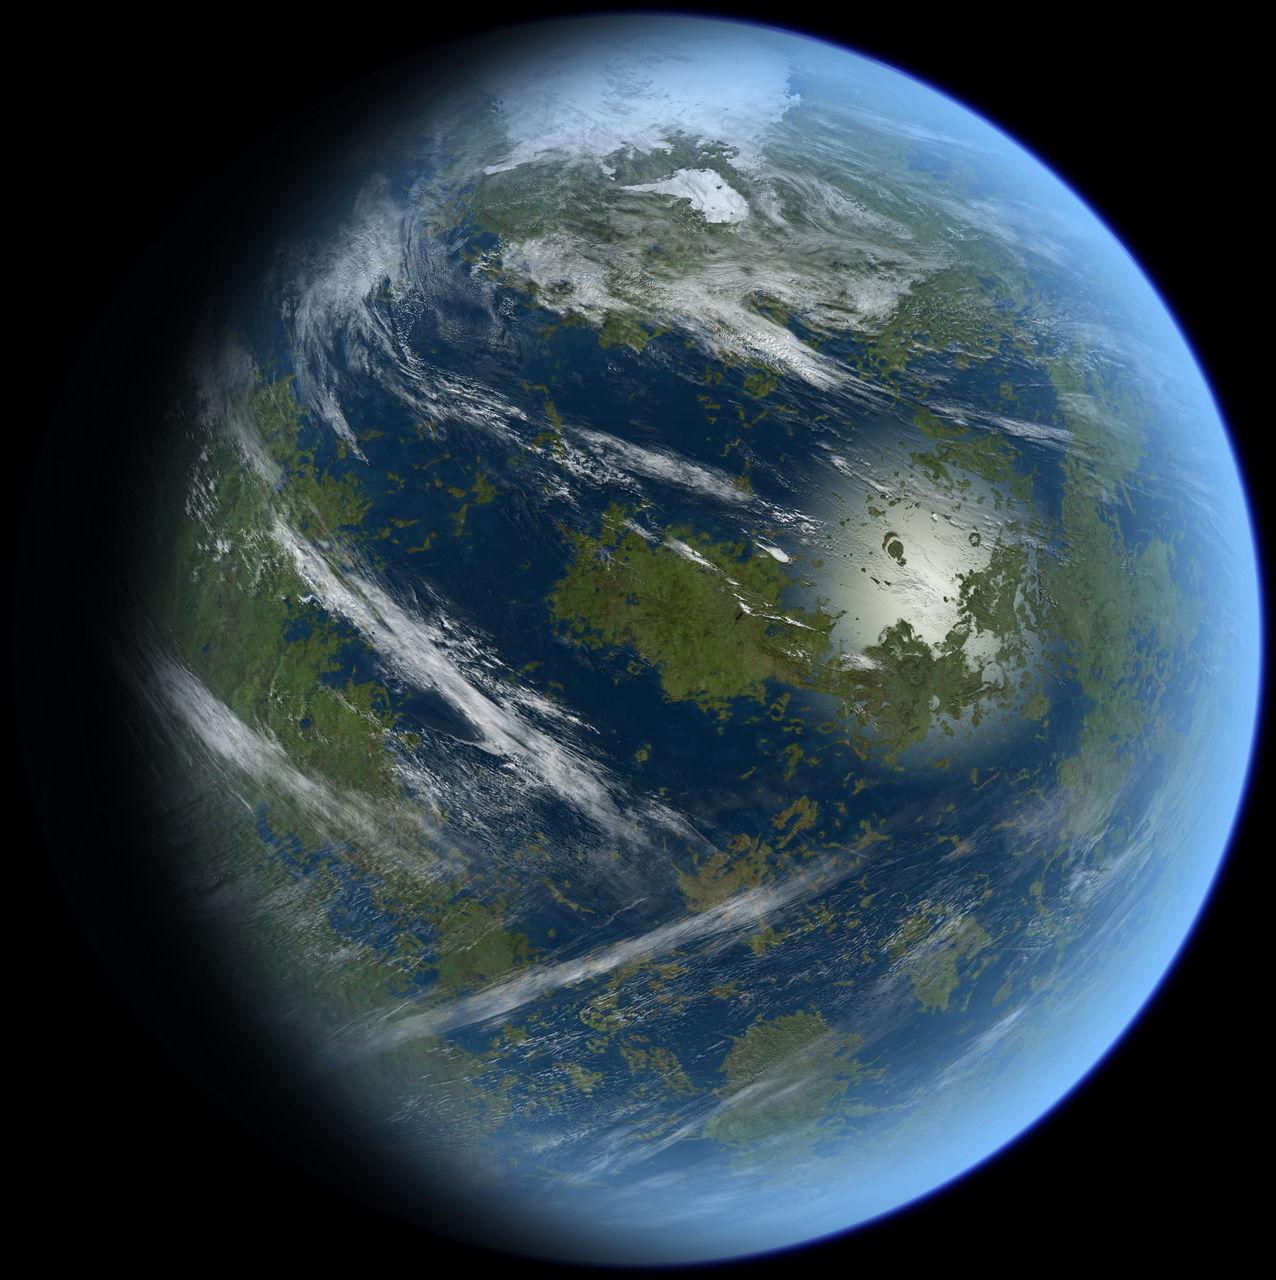 地球金星木星围着太阳图片